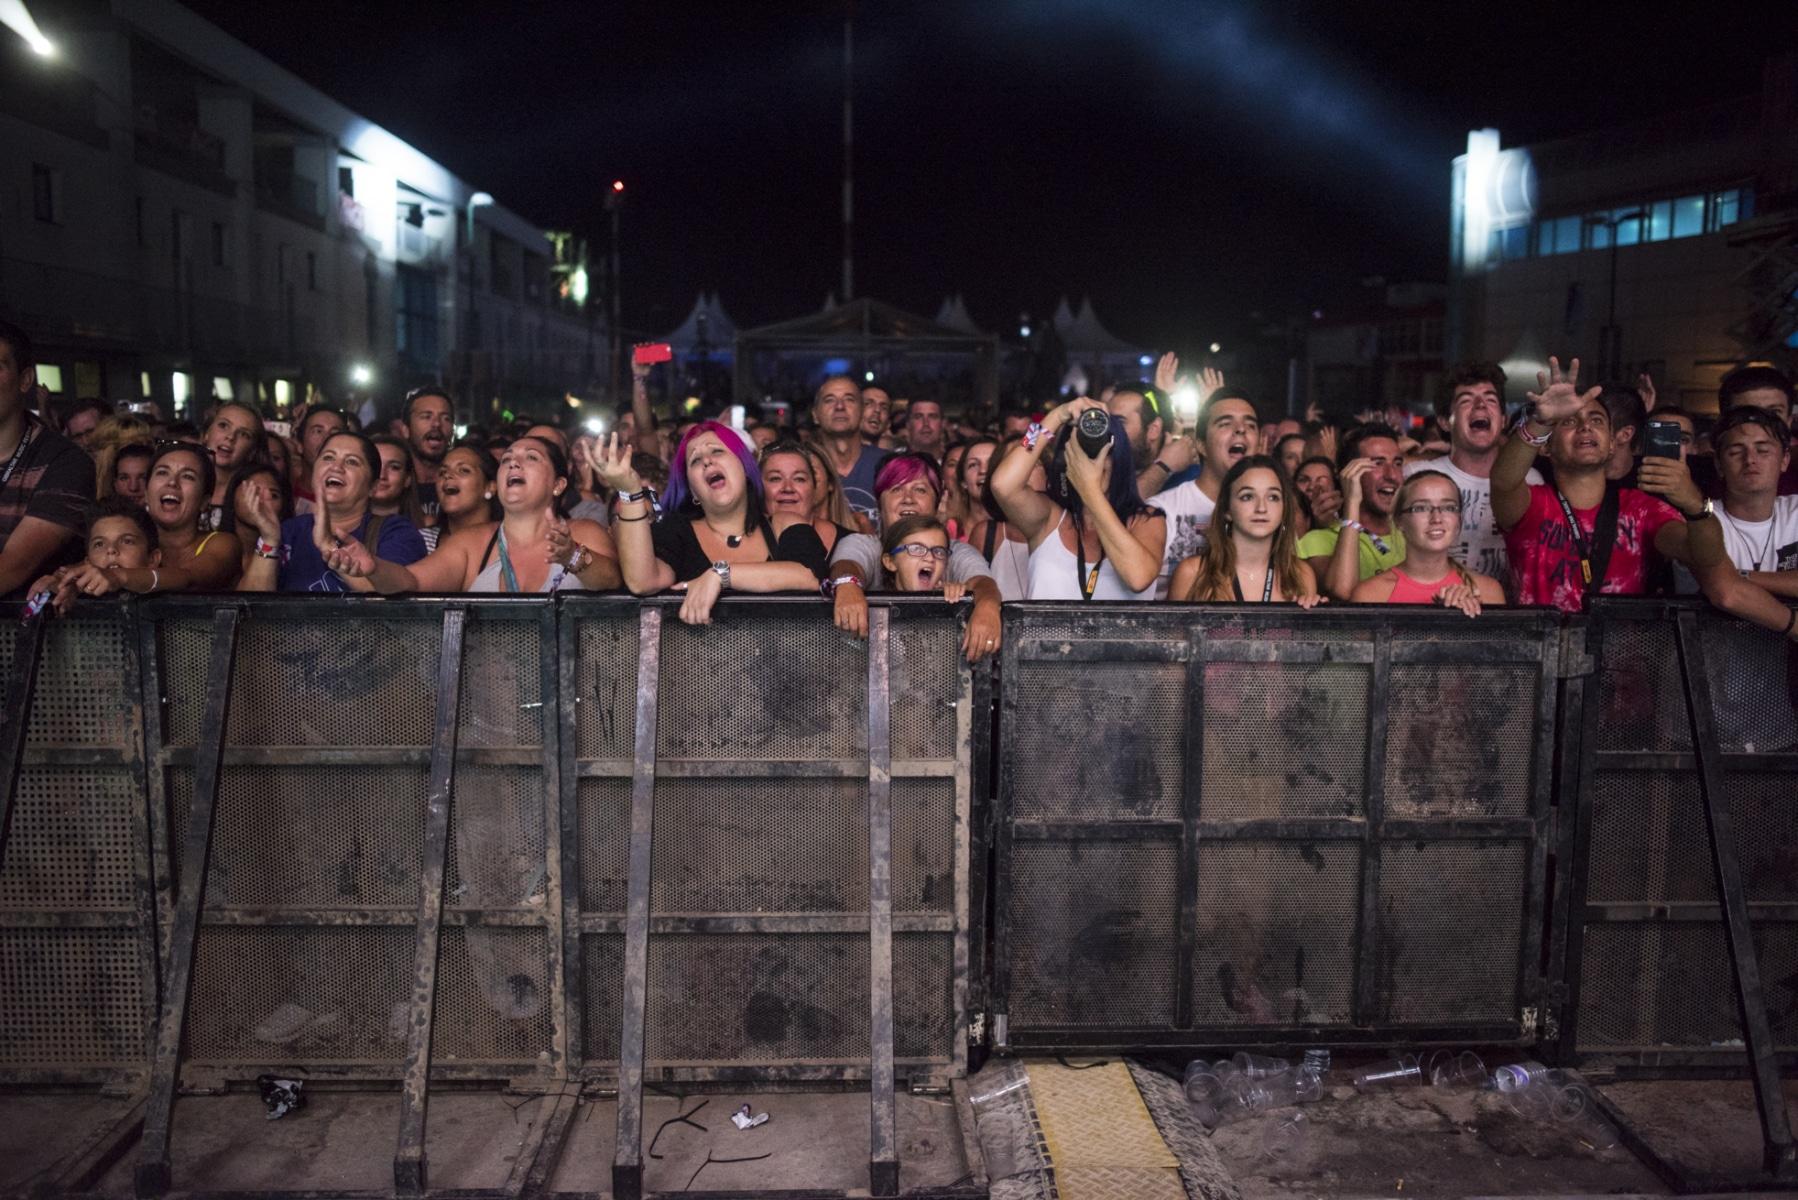 5-septiembre-2015-gibraltar-music-festival-2015-64_21000541659_o